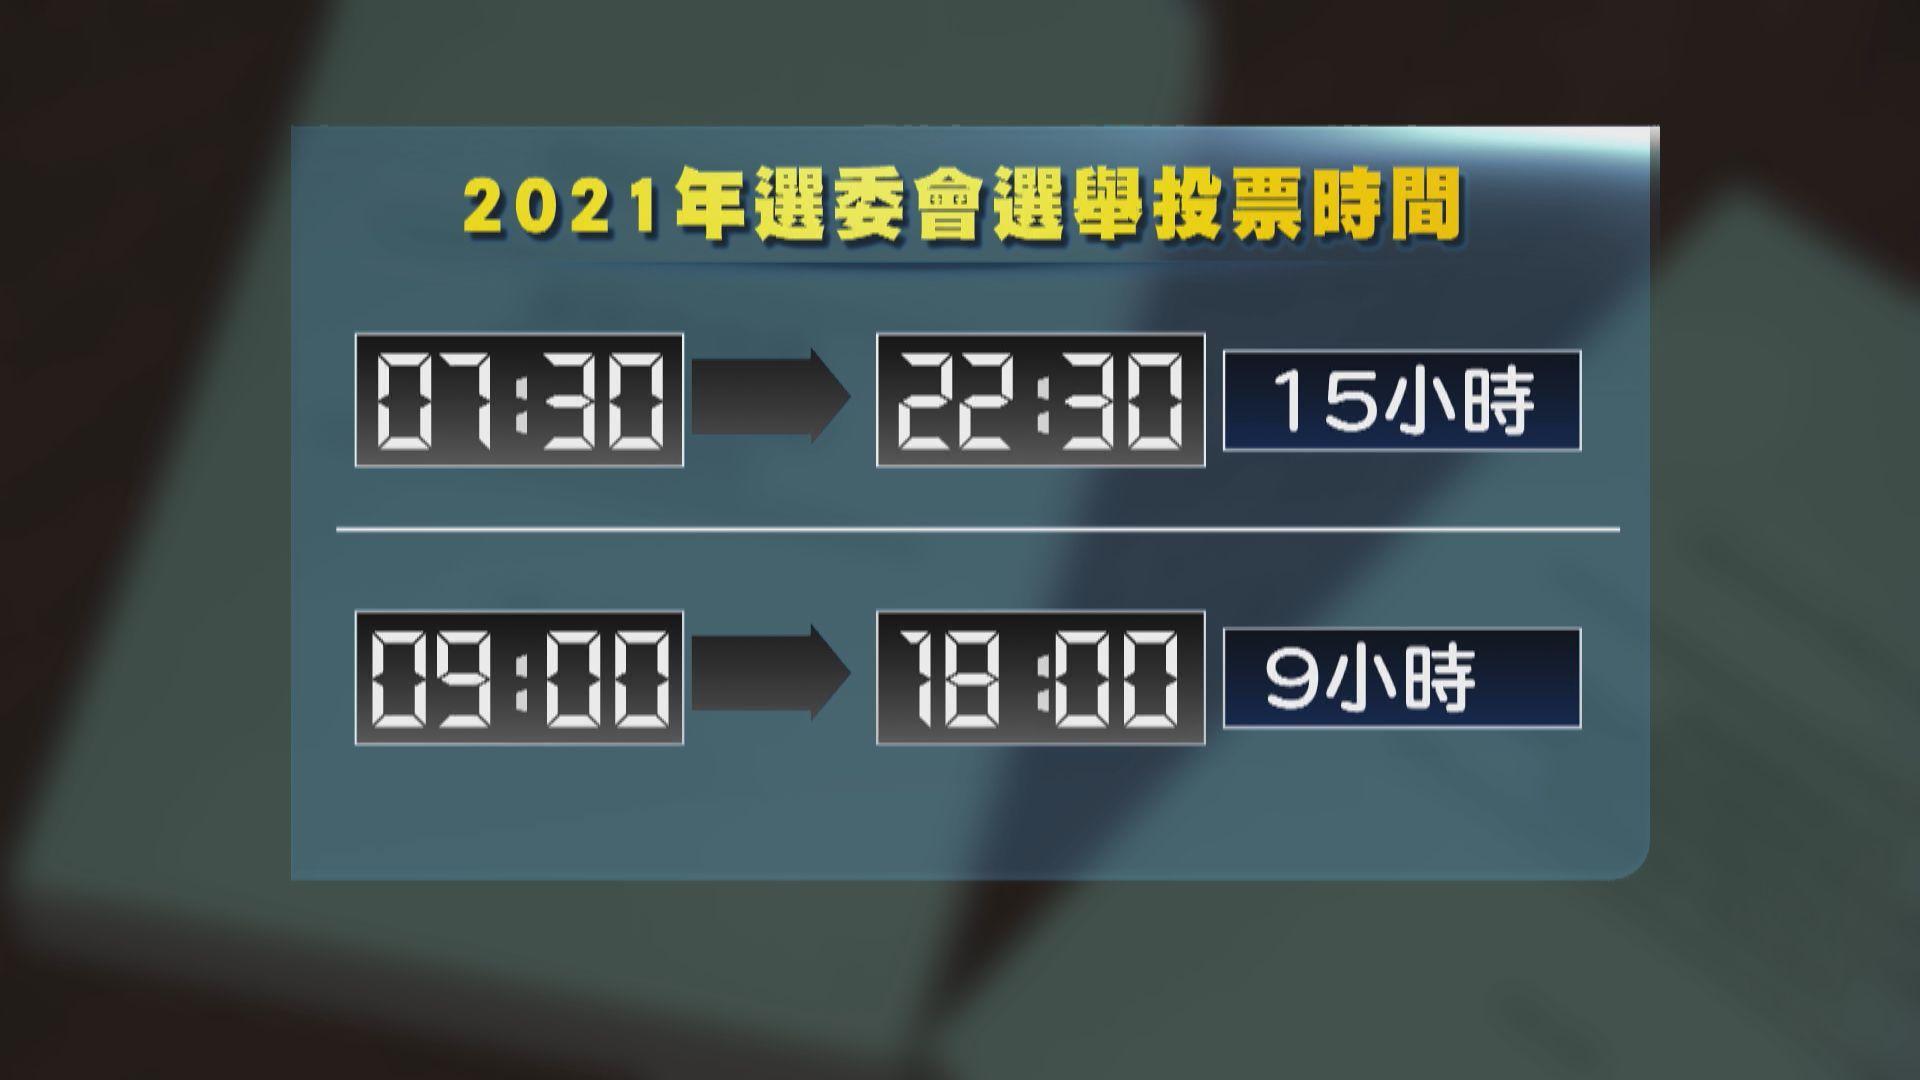 9月選委會選舉選民人數大減 首以電子選民登記冊系統發選票